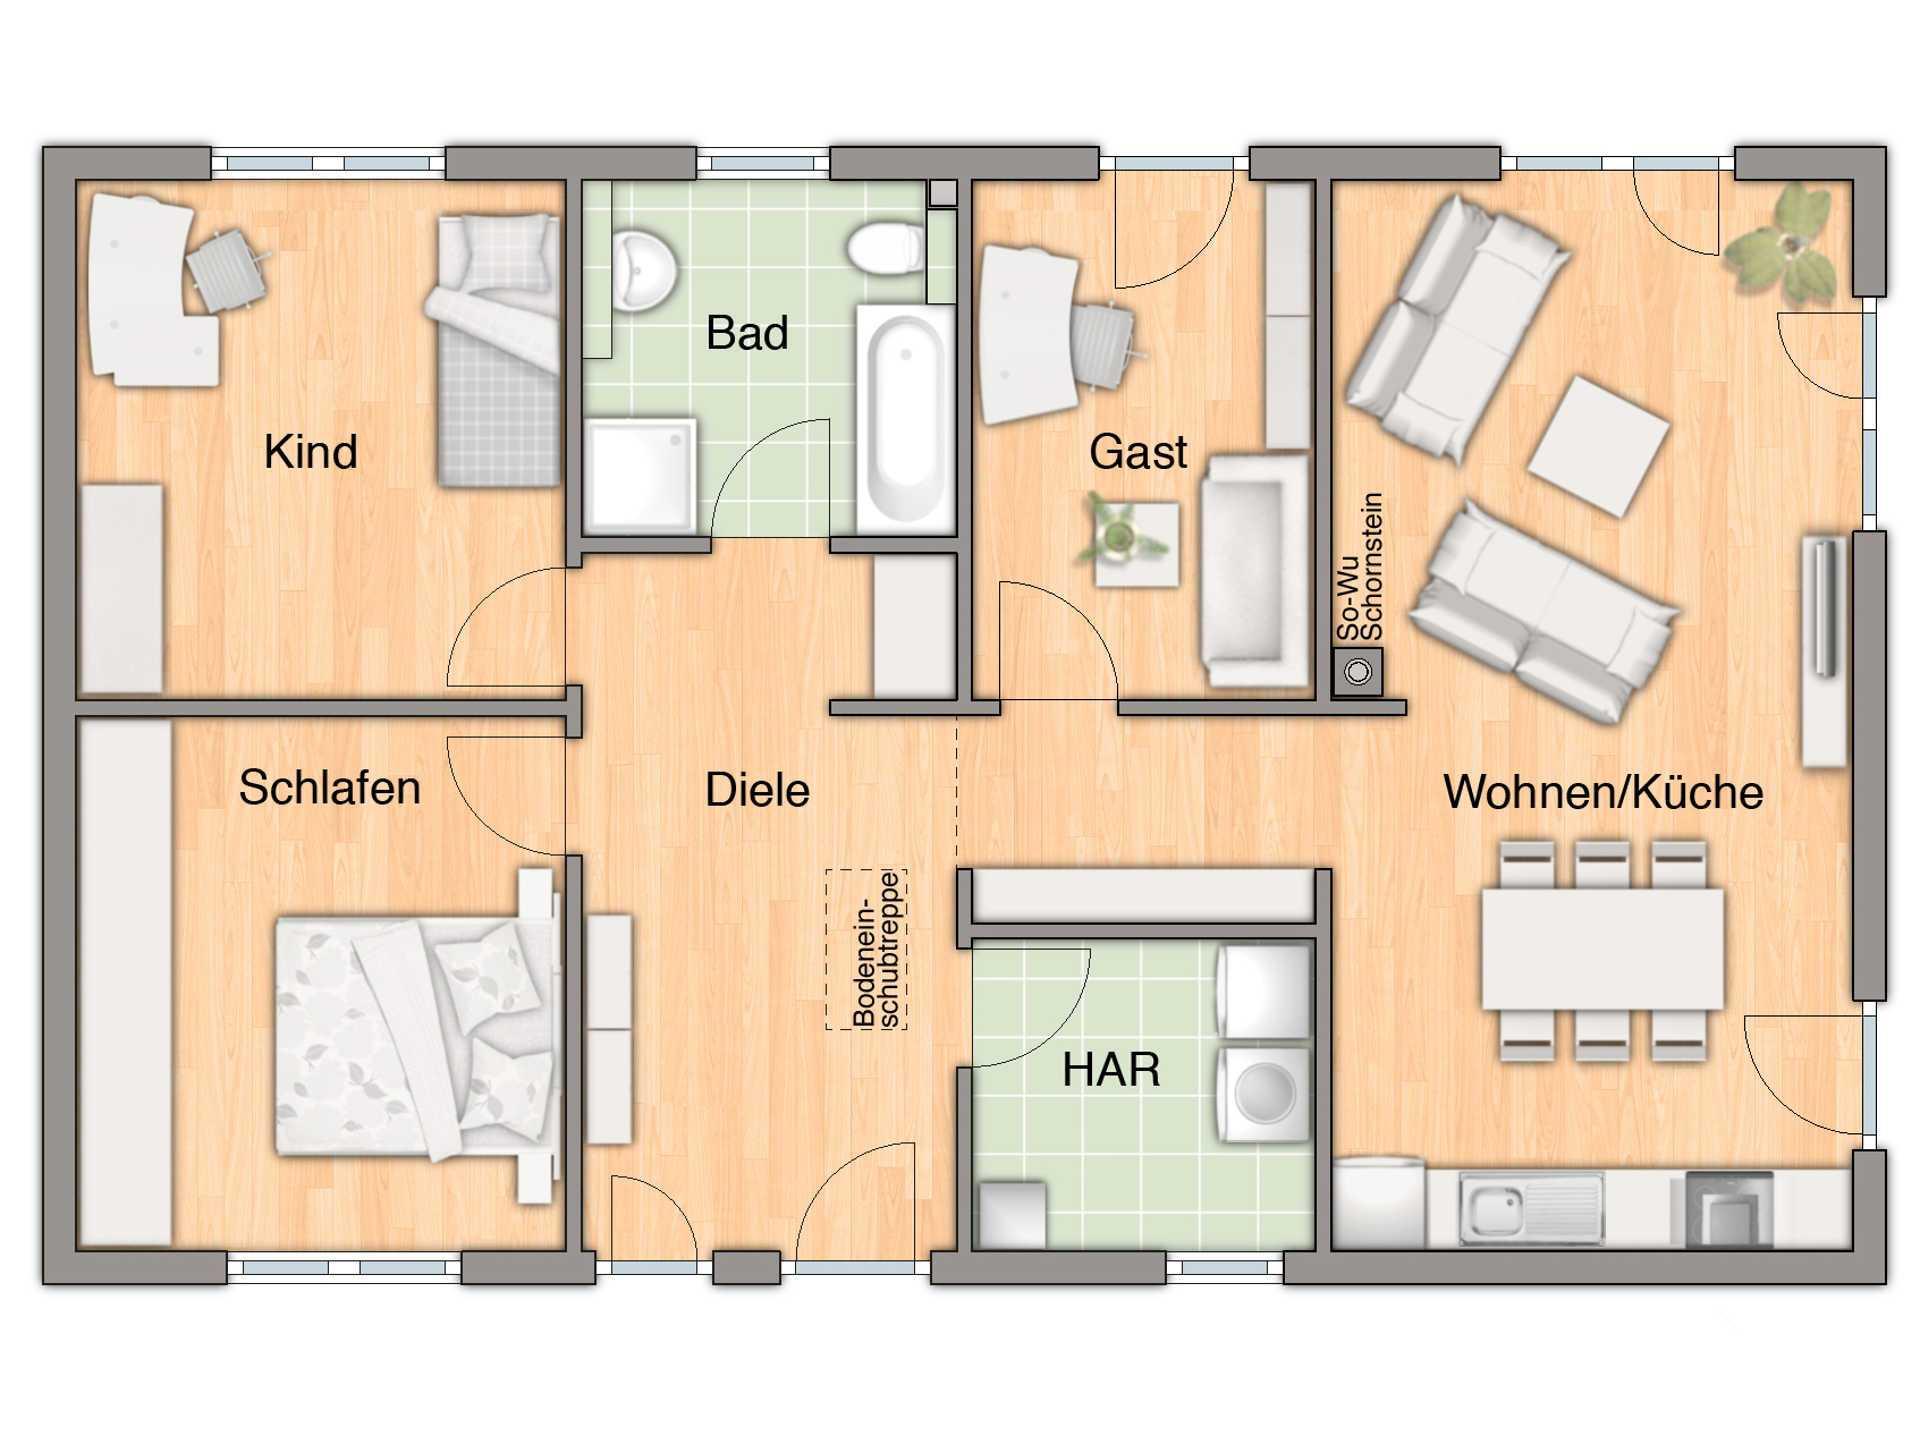 Grundriss Bungalow 100 mit Gästezimmer von FIMA Hausbau